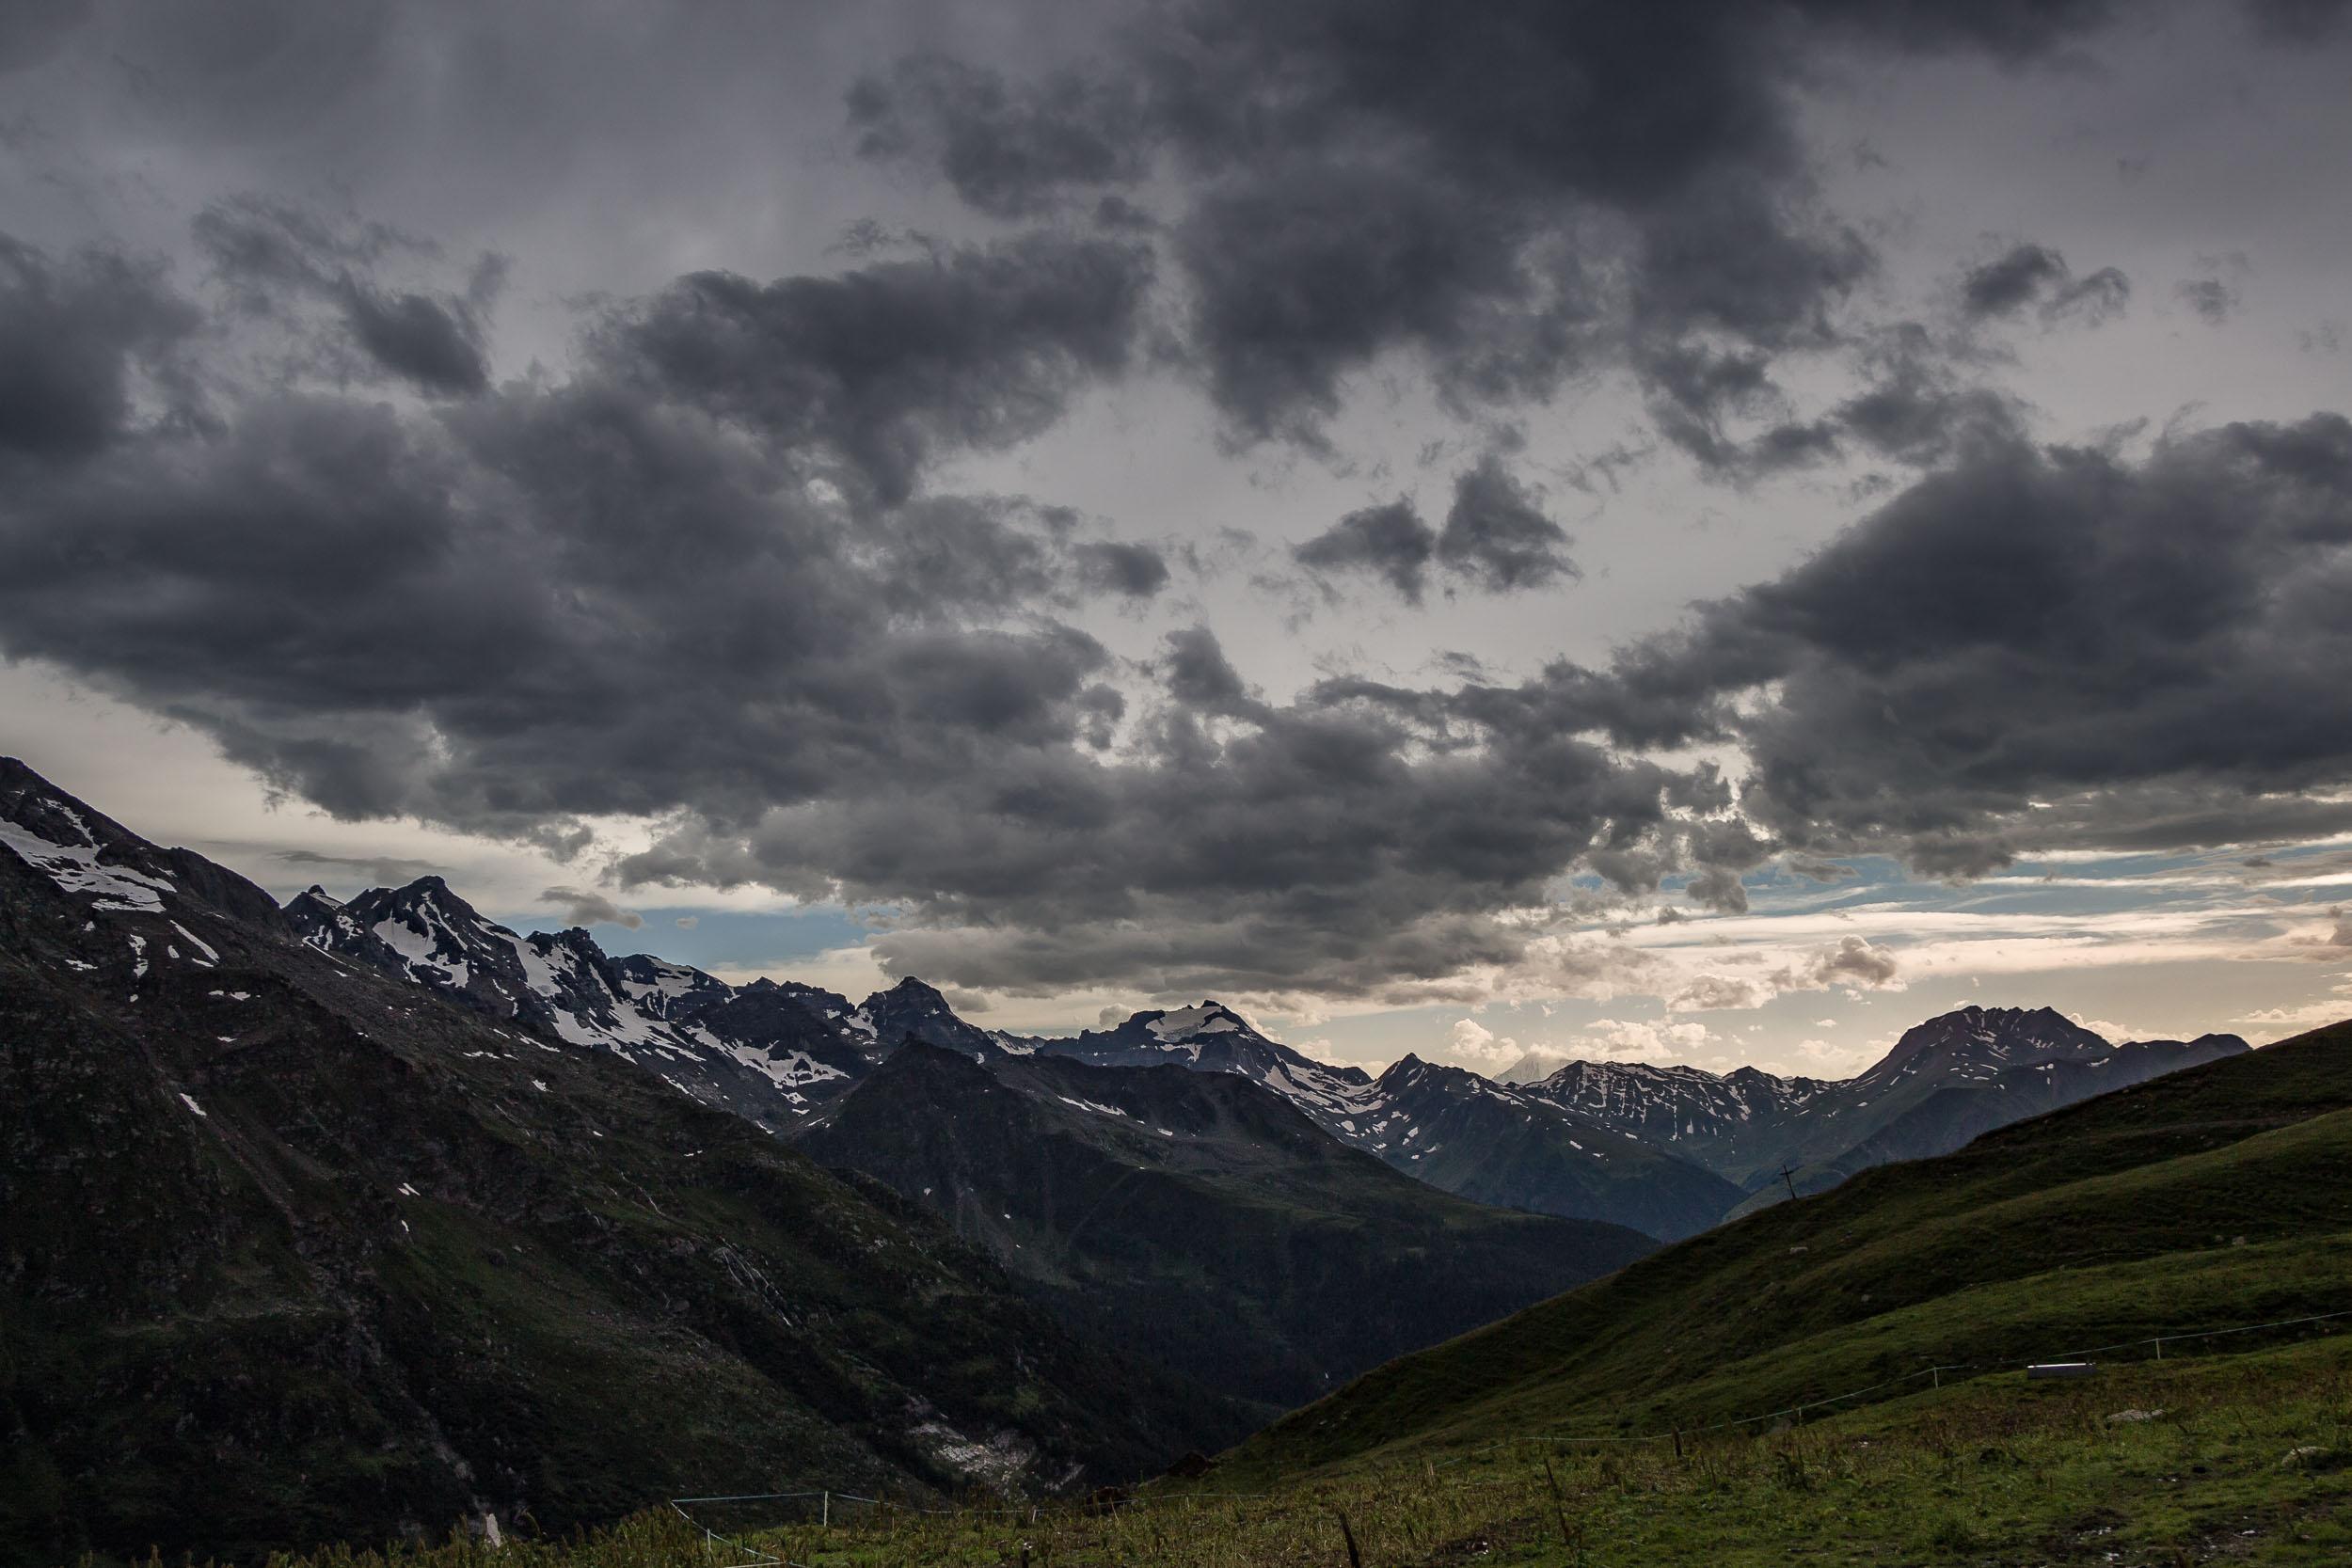 20130806_03061 Auf der Alp.jpg